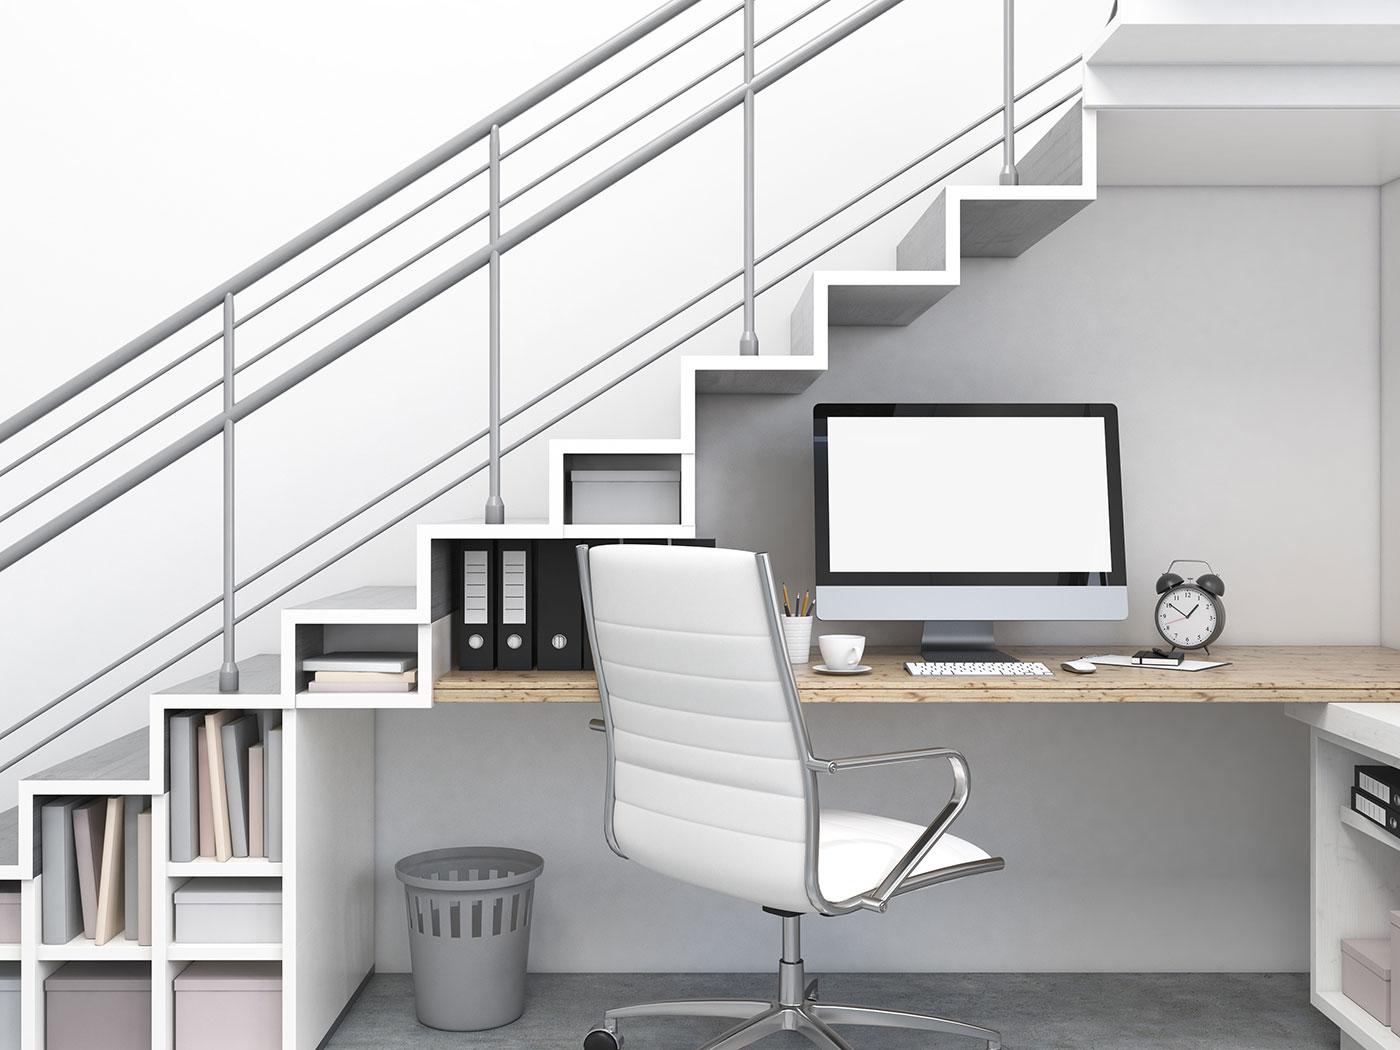 Angolo studio con computer - Come sfruttare un sottoscala